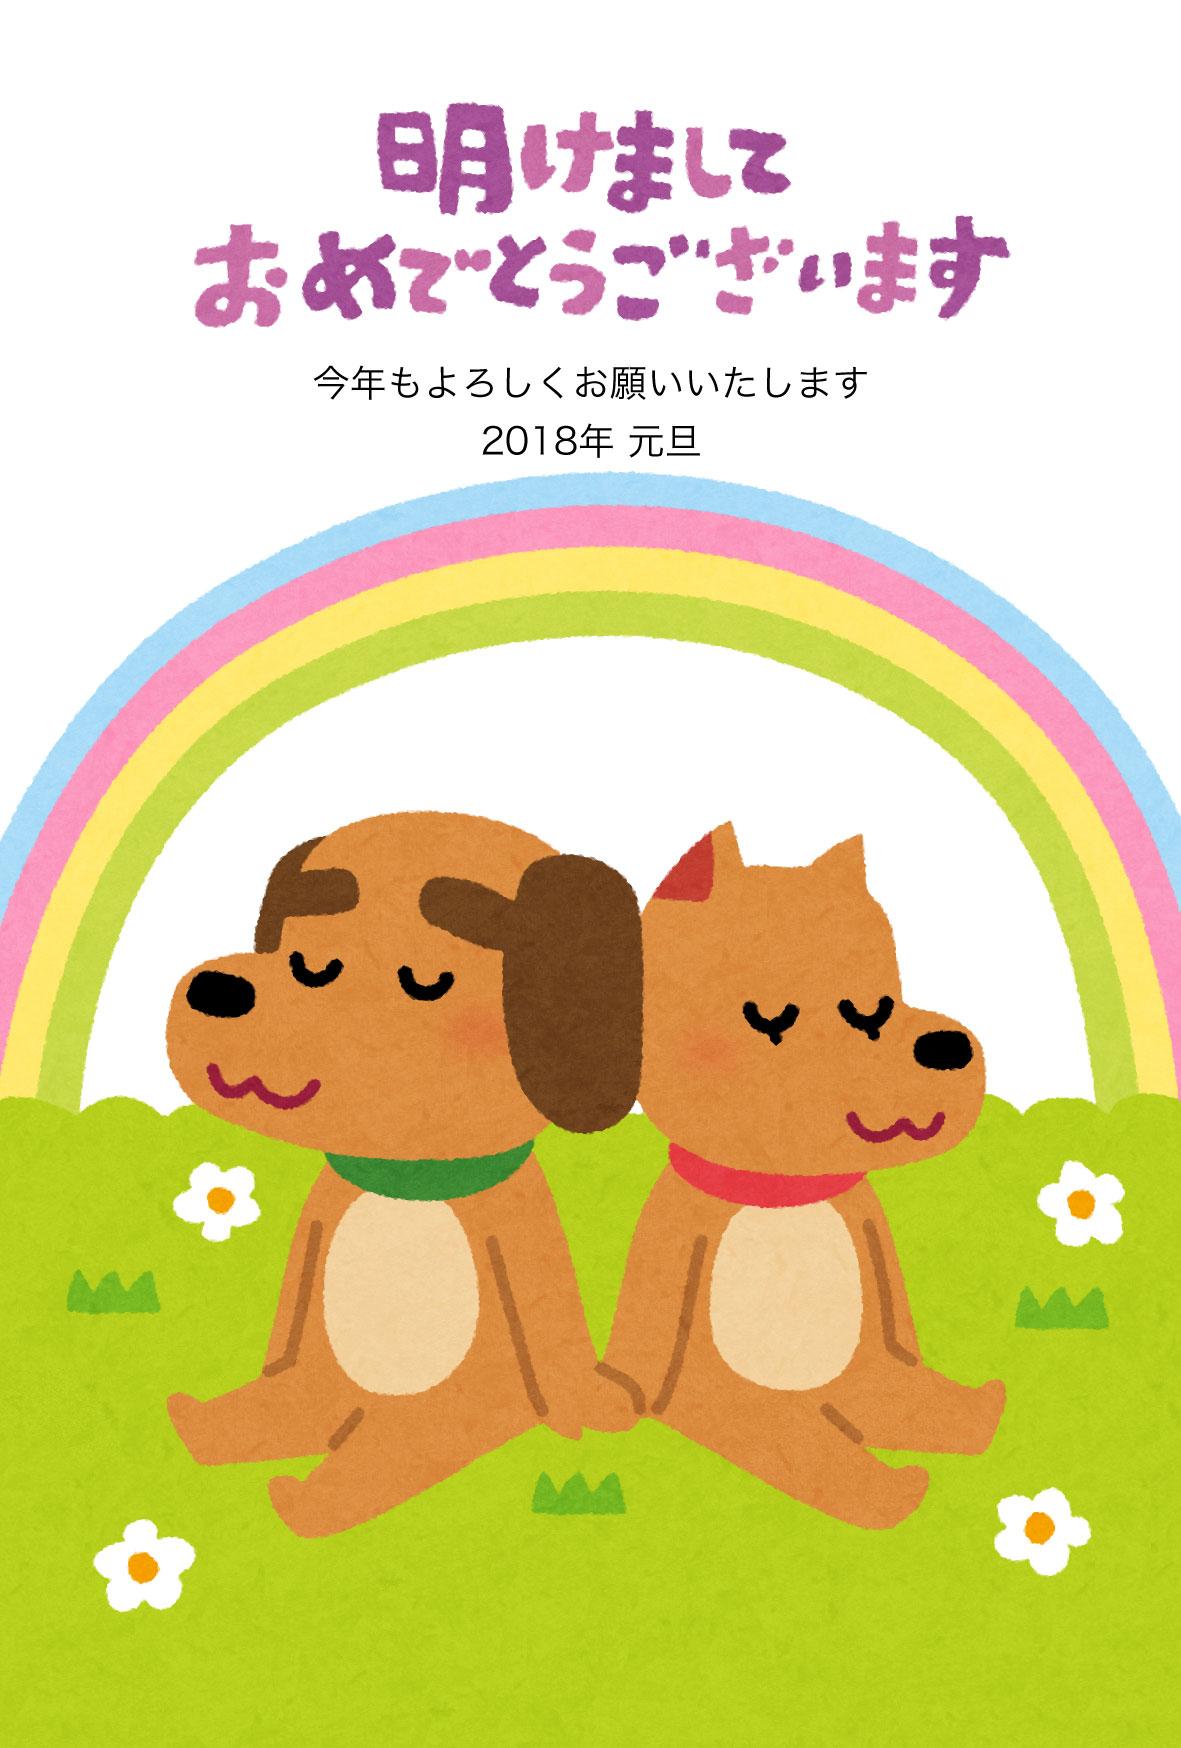 犬のカップルのイラスト年賀状(戌年)   かわいい無料年賀状